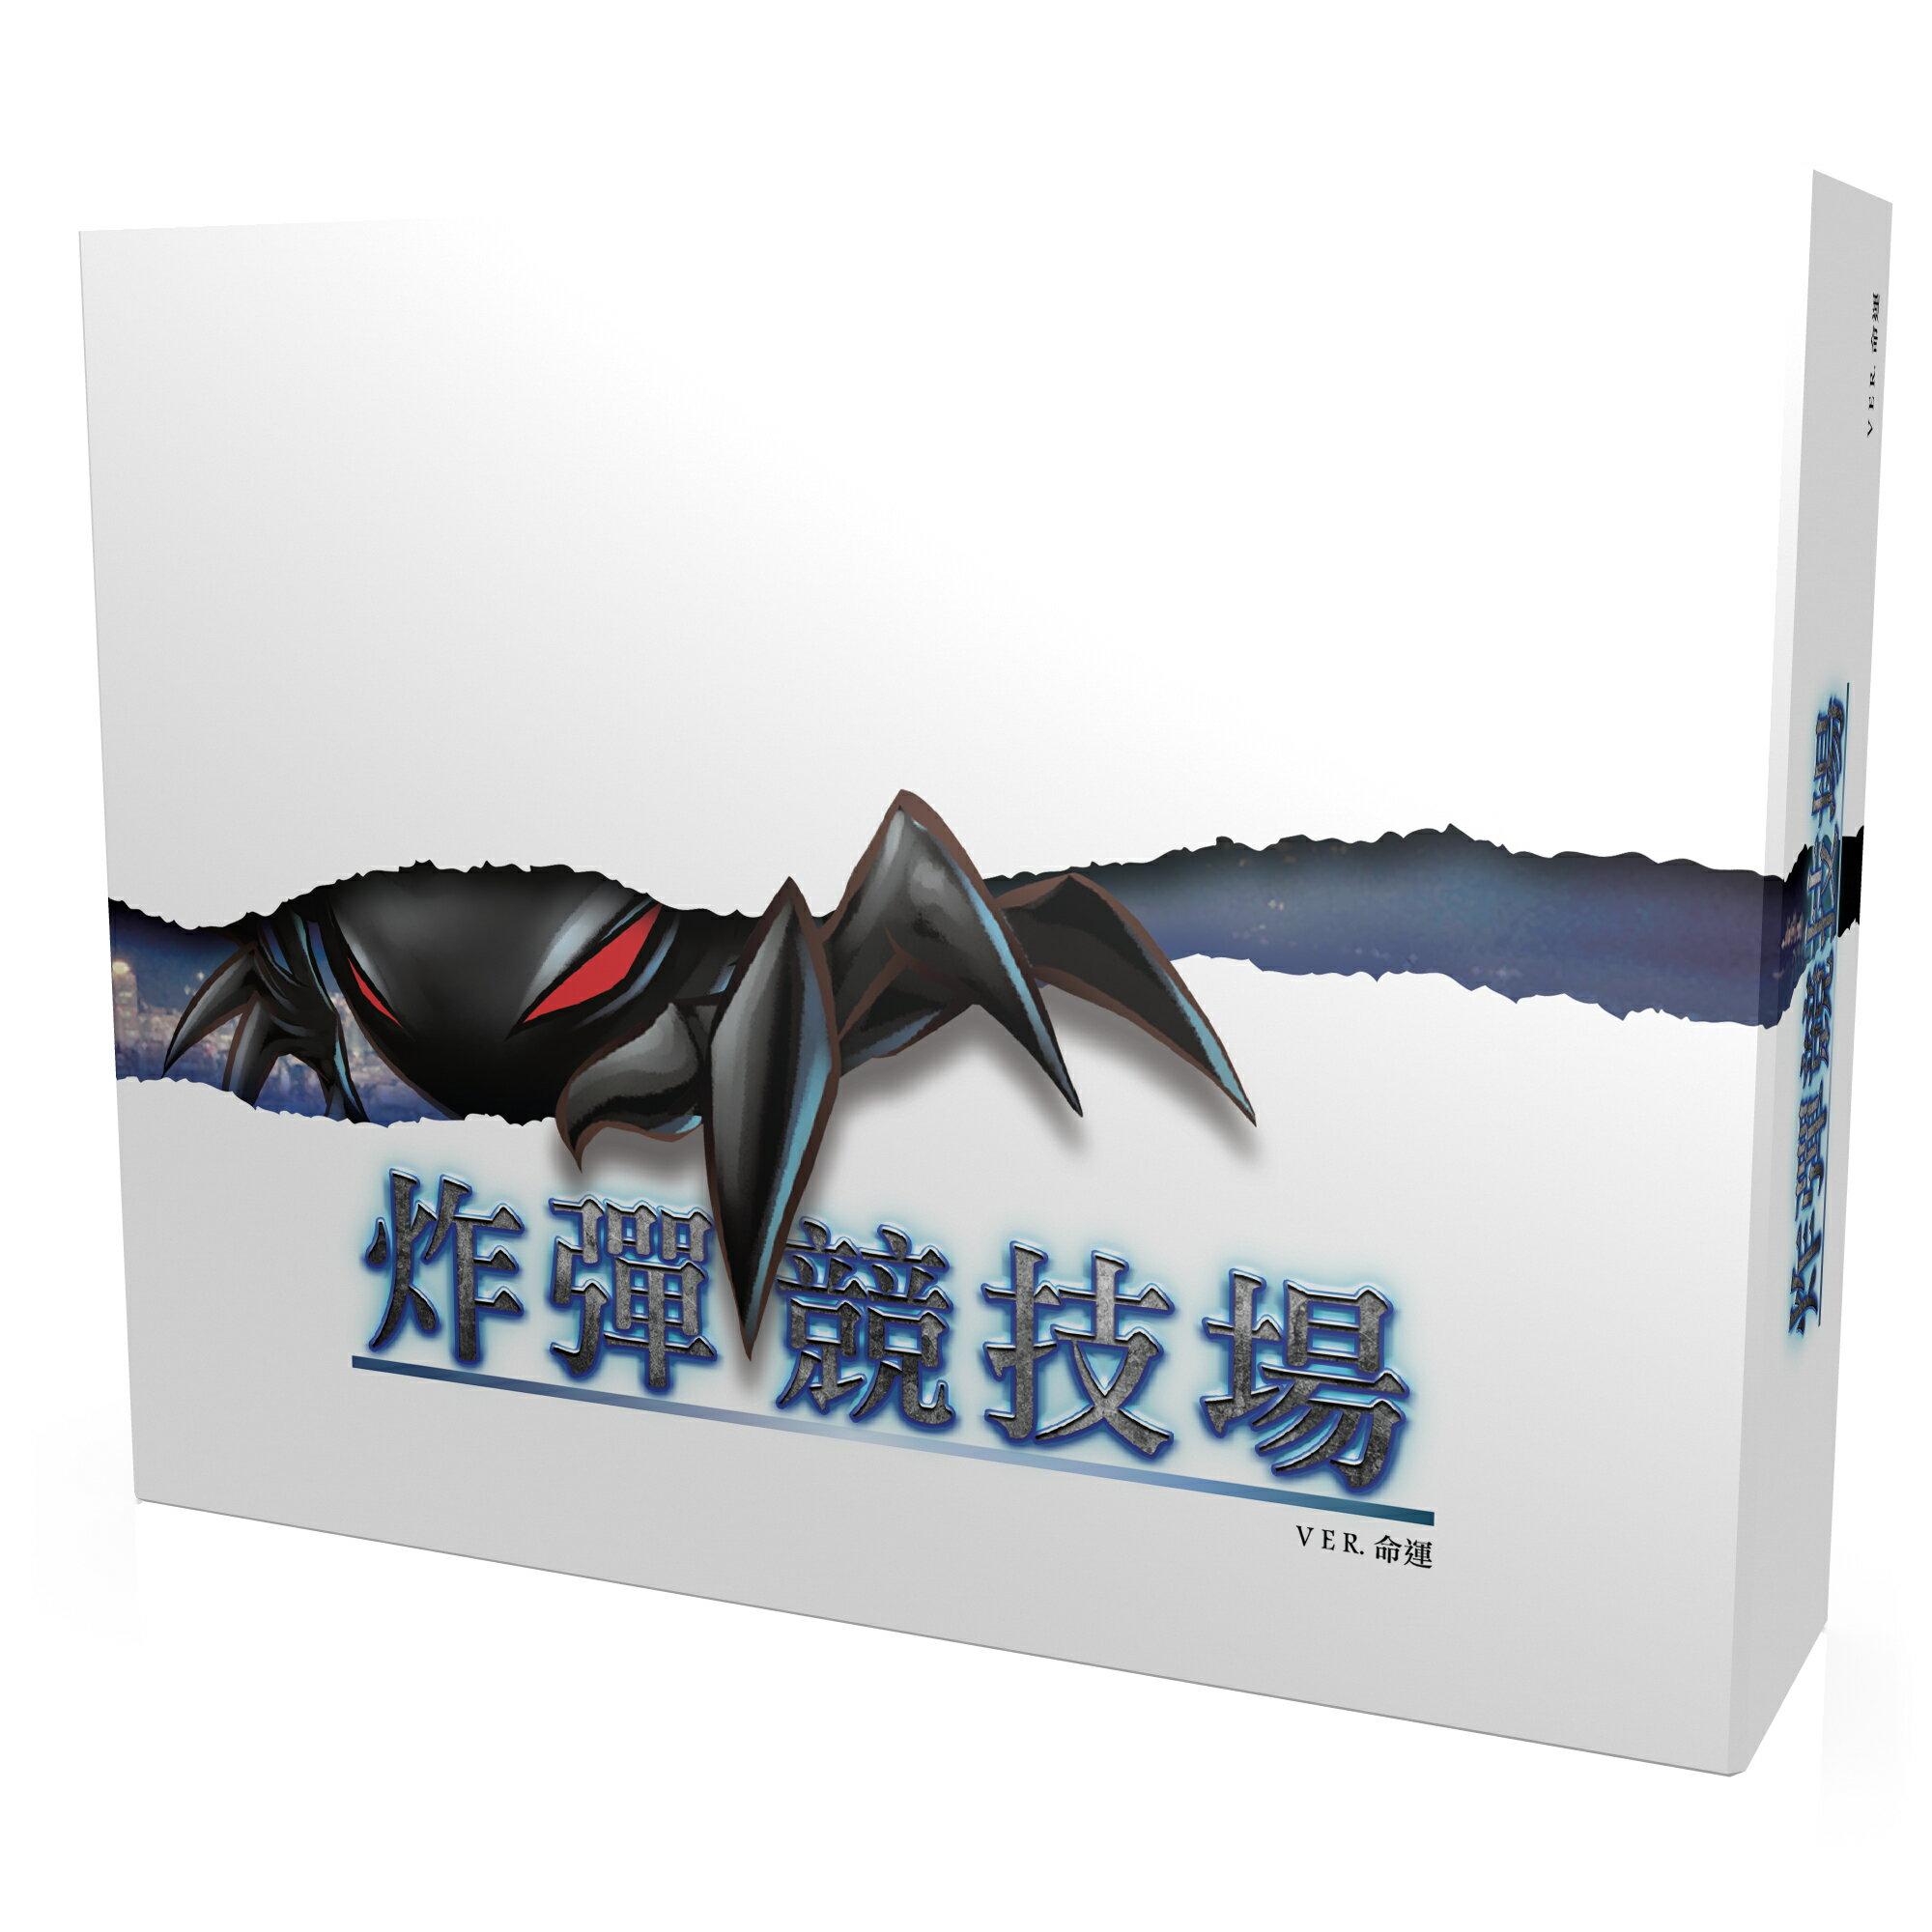 【瘋桌遊】炸彈競技場(命運)│Bomb Arena (Fate)│2016年新版│繁體中文桌上遊戲